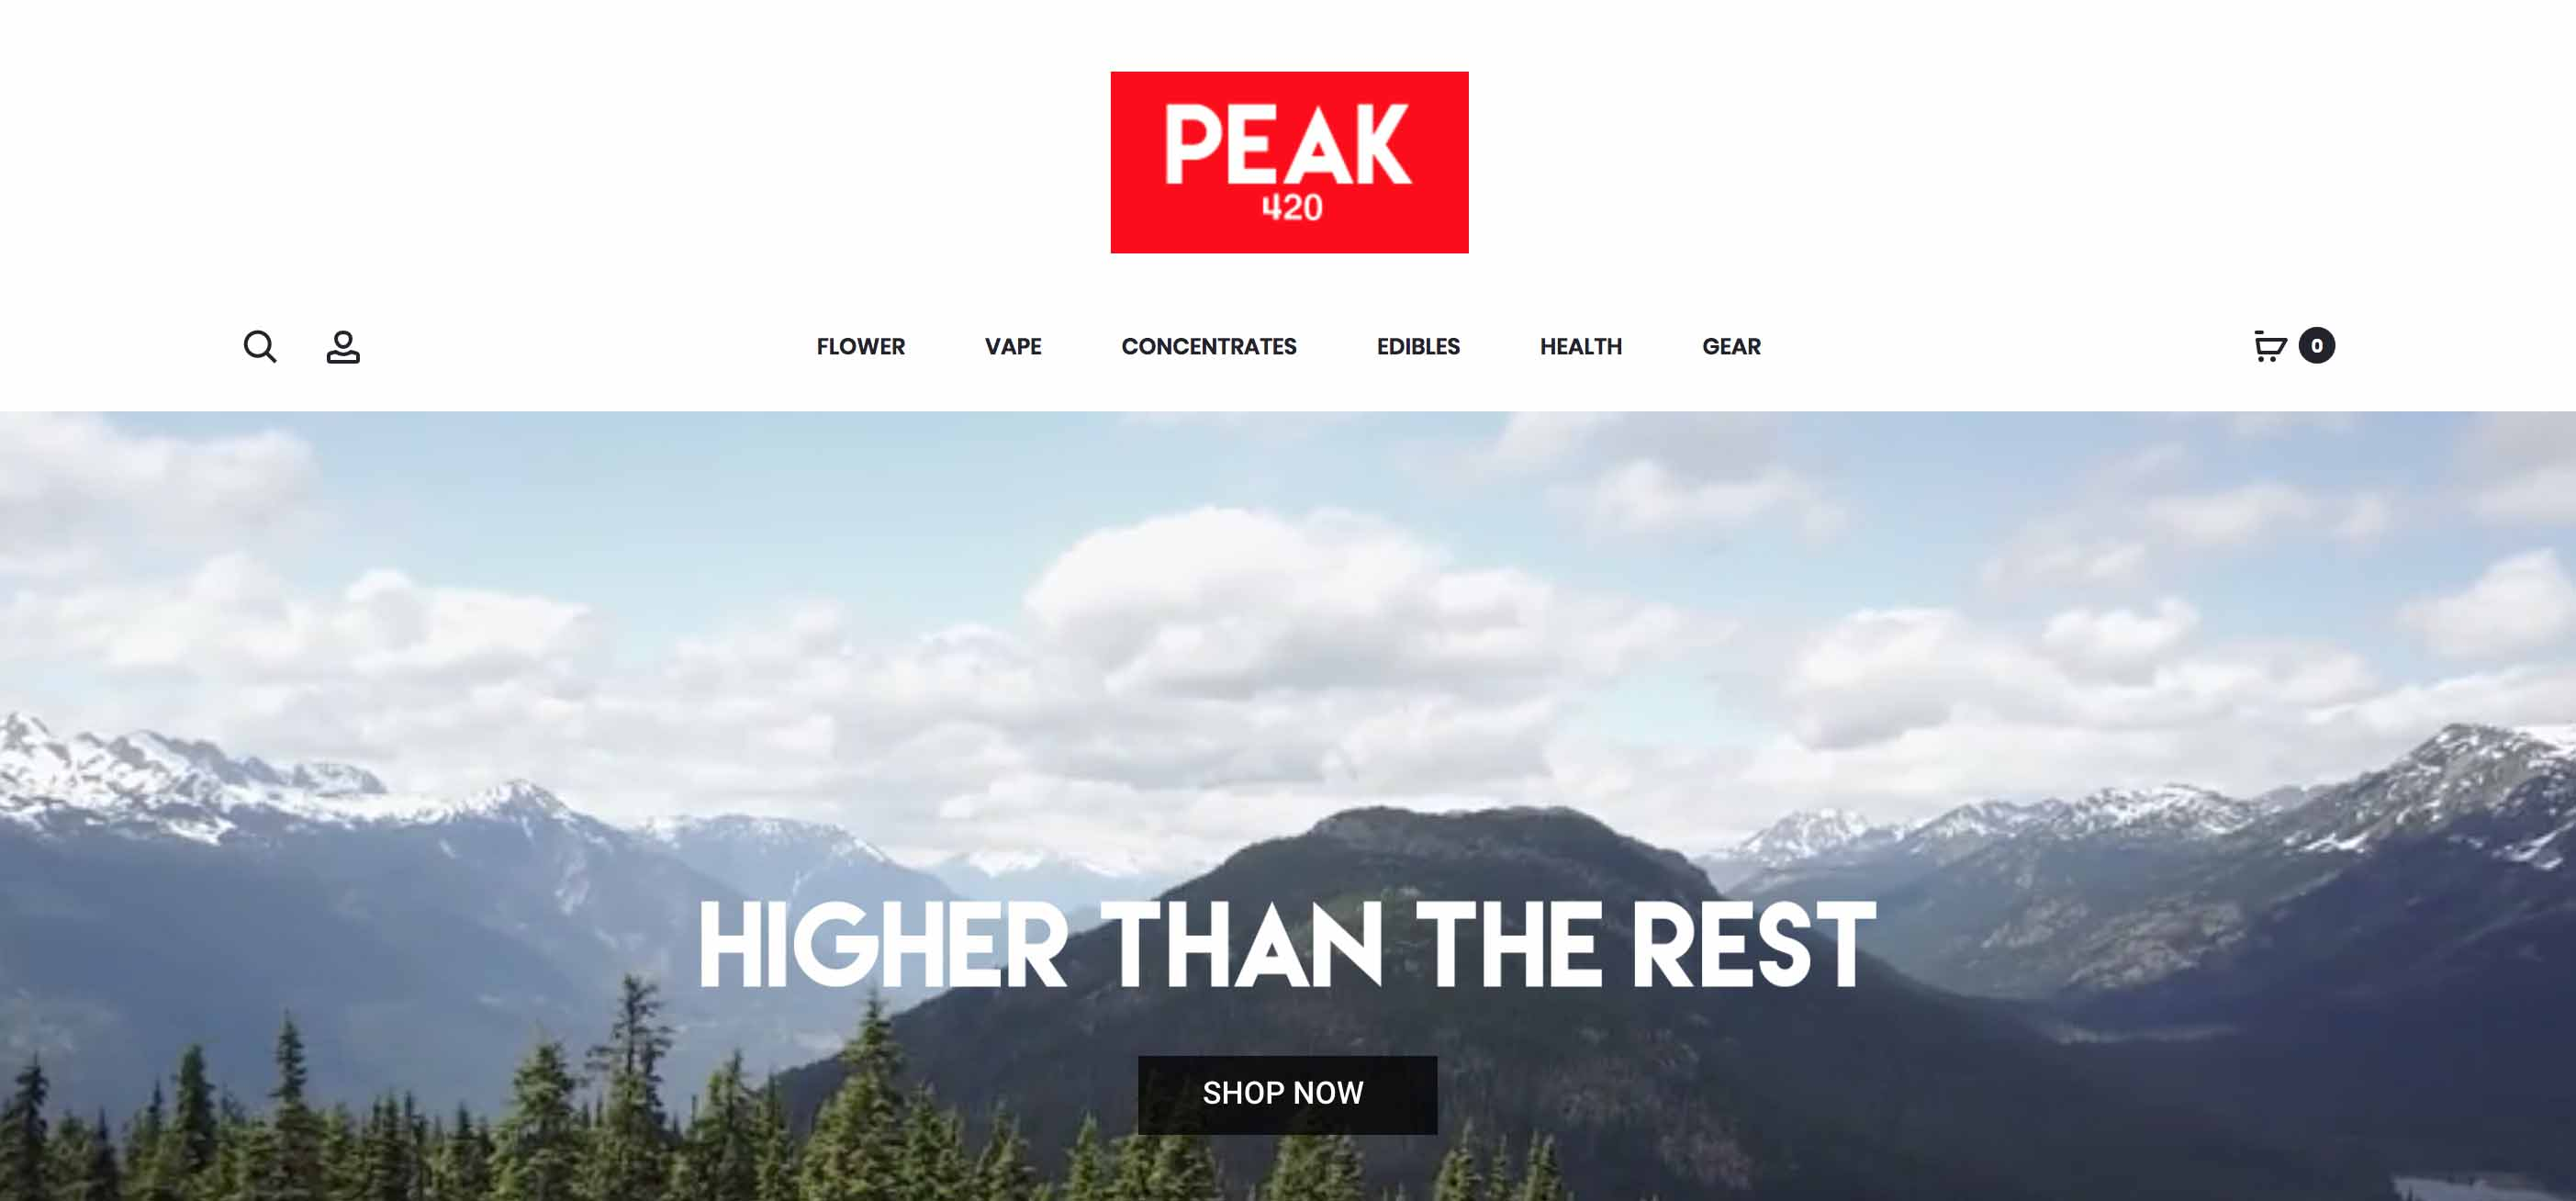 Review of Peak 420 online dispensary